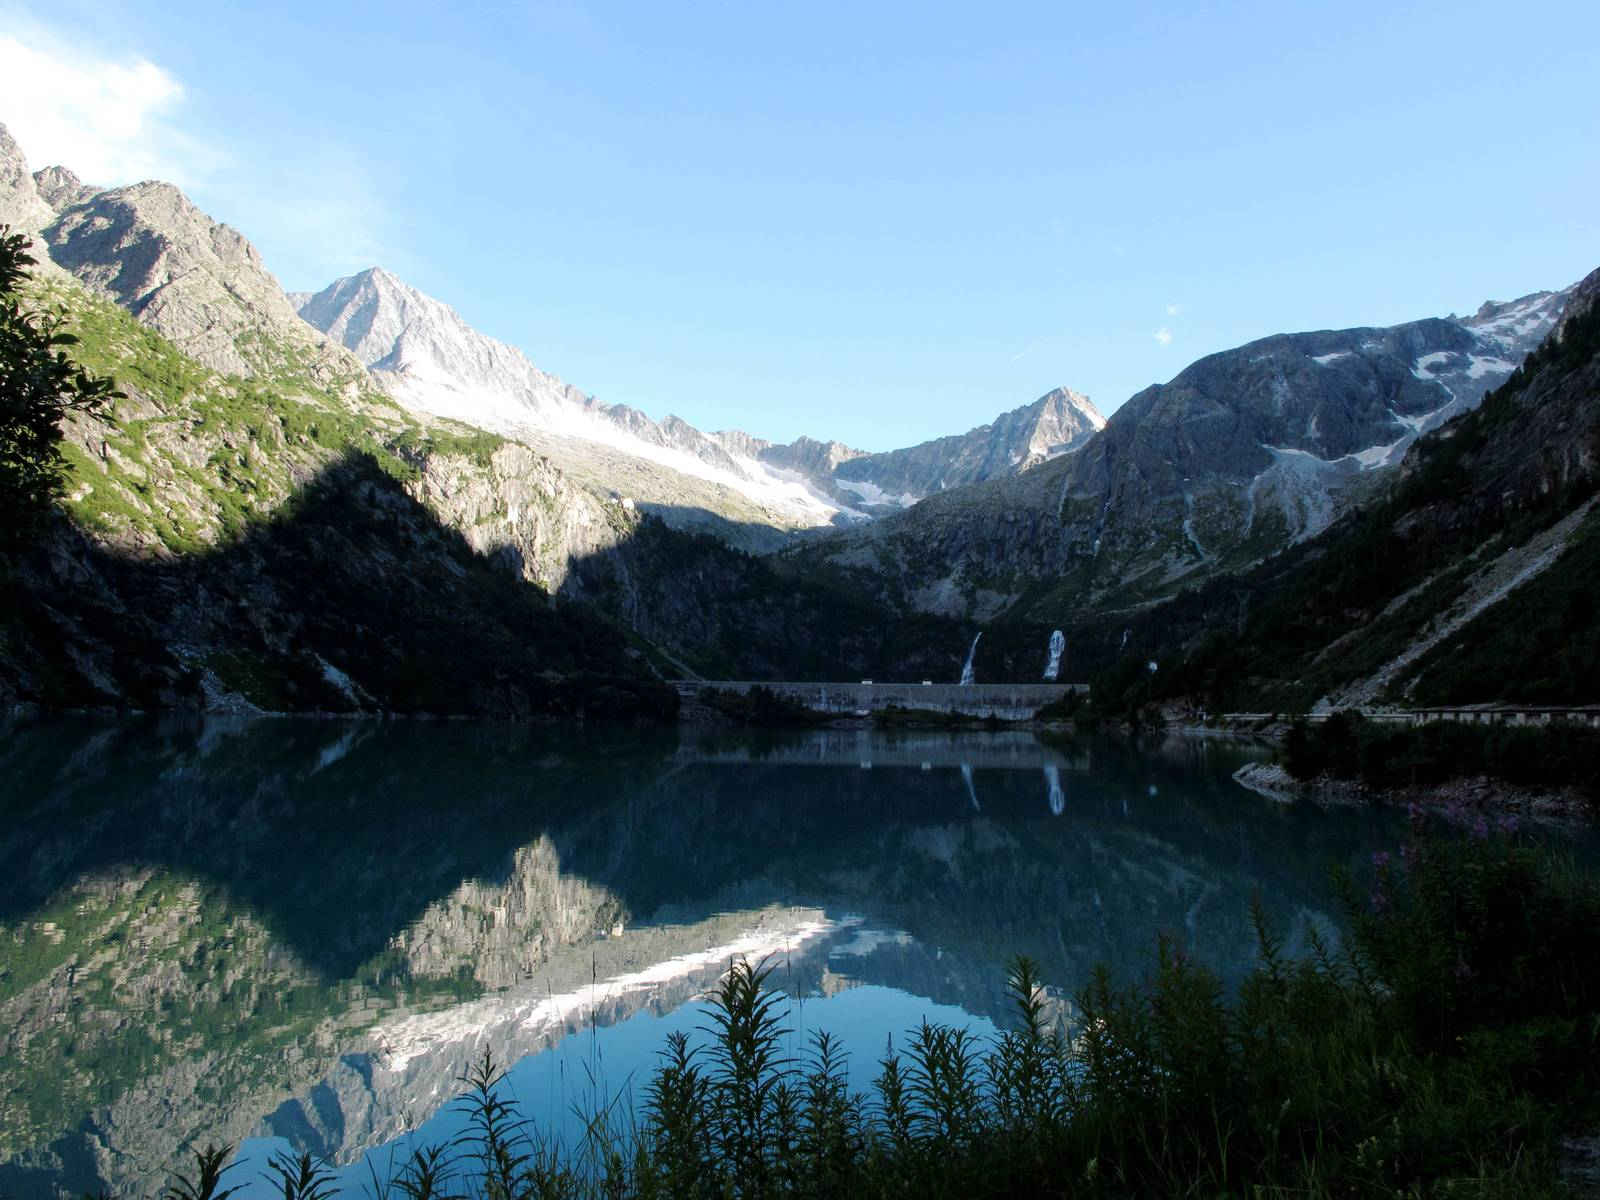 Passi-nella-neve-9-agosto-2014_Narrazione-in-cammino-destinazione-Garibaldi59 Copia